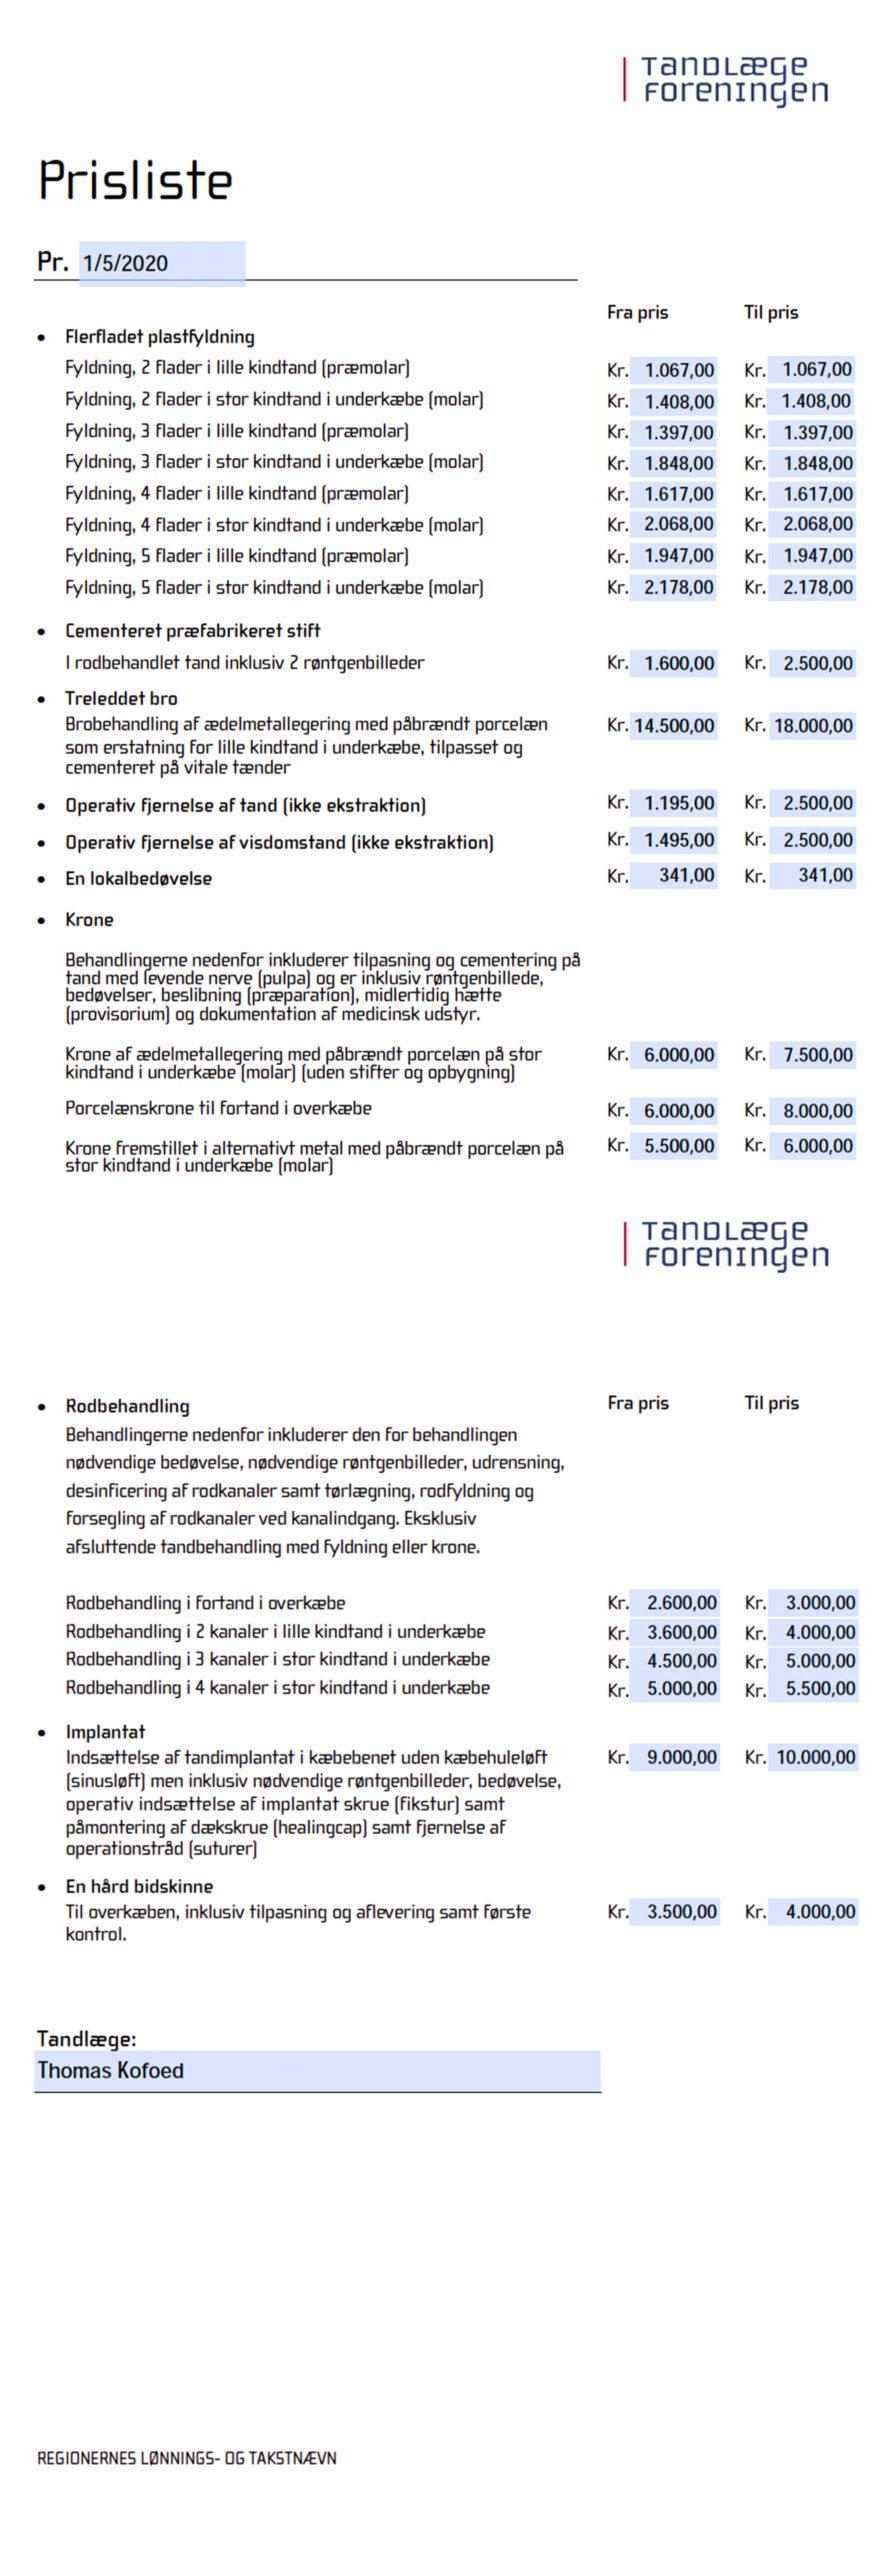 Prisliste for Tandlægerne i Tømmergården